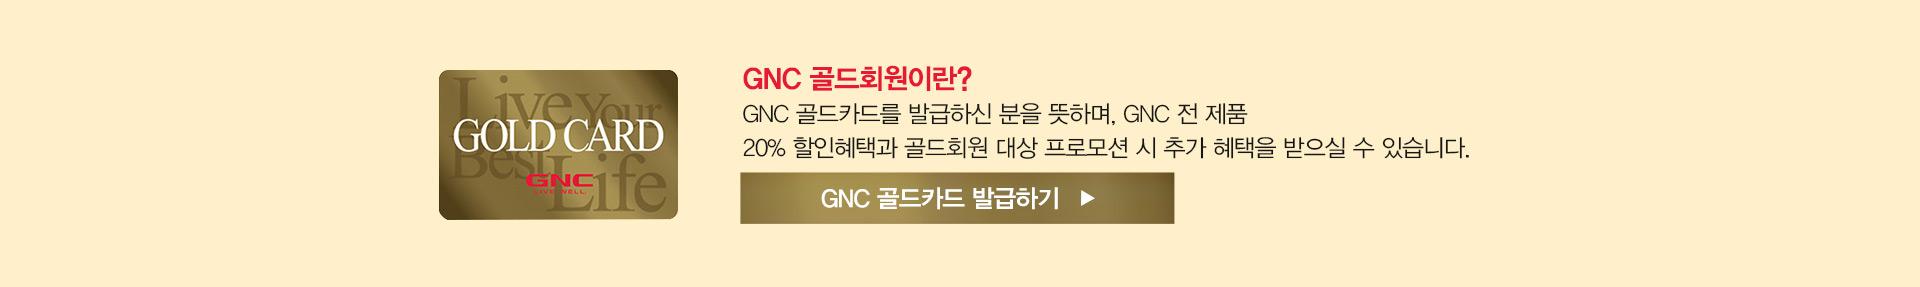 GNC 골드카드 발급하기